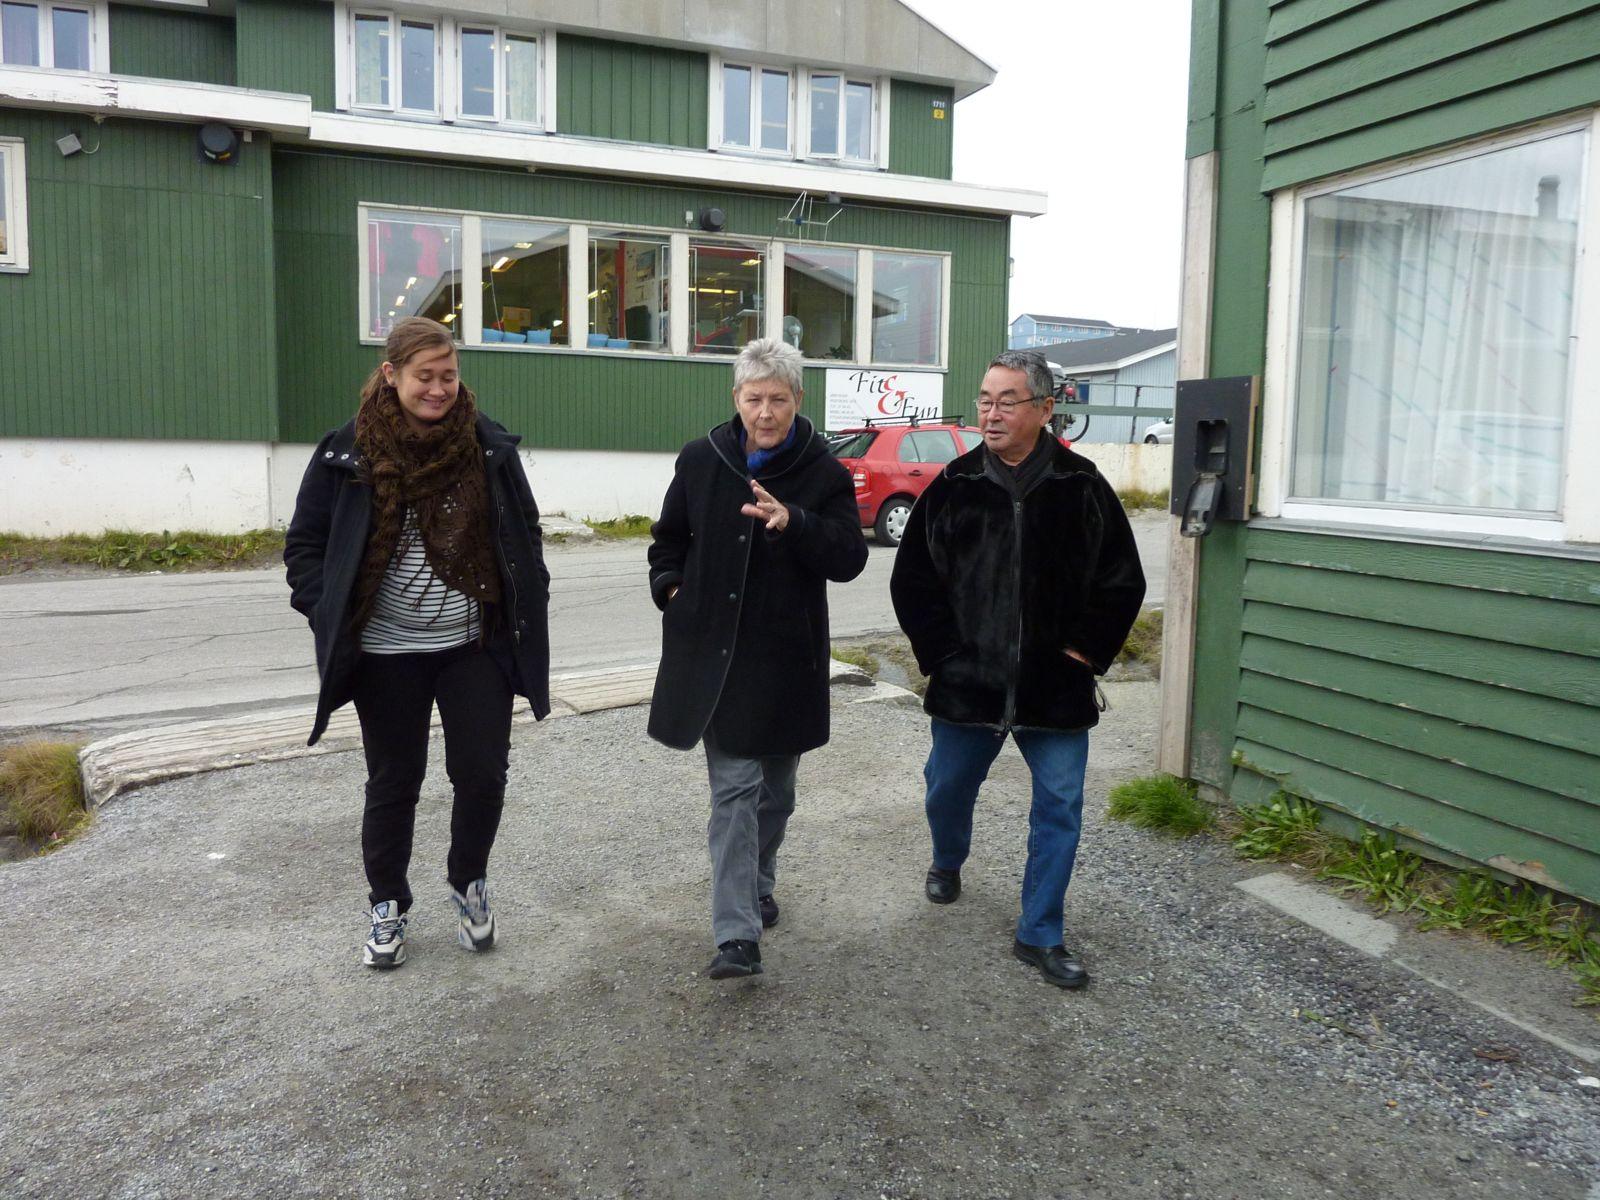 2010-10-05-1451_-_Jørgen Labansen; Maritha Eugenius Labansen; Ruth Labansen